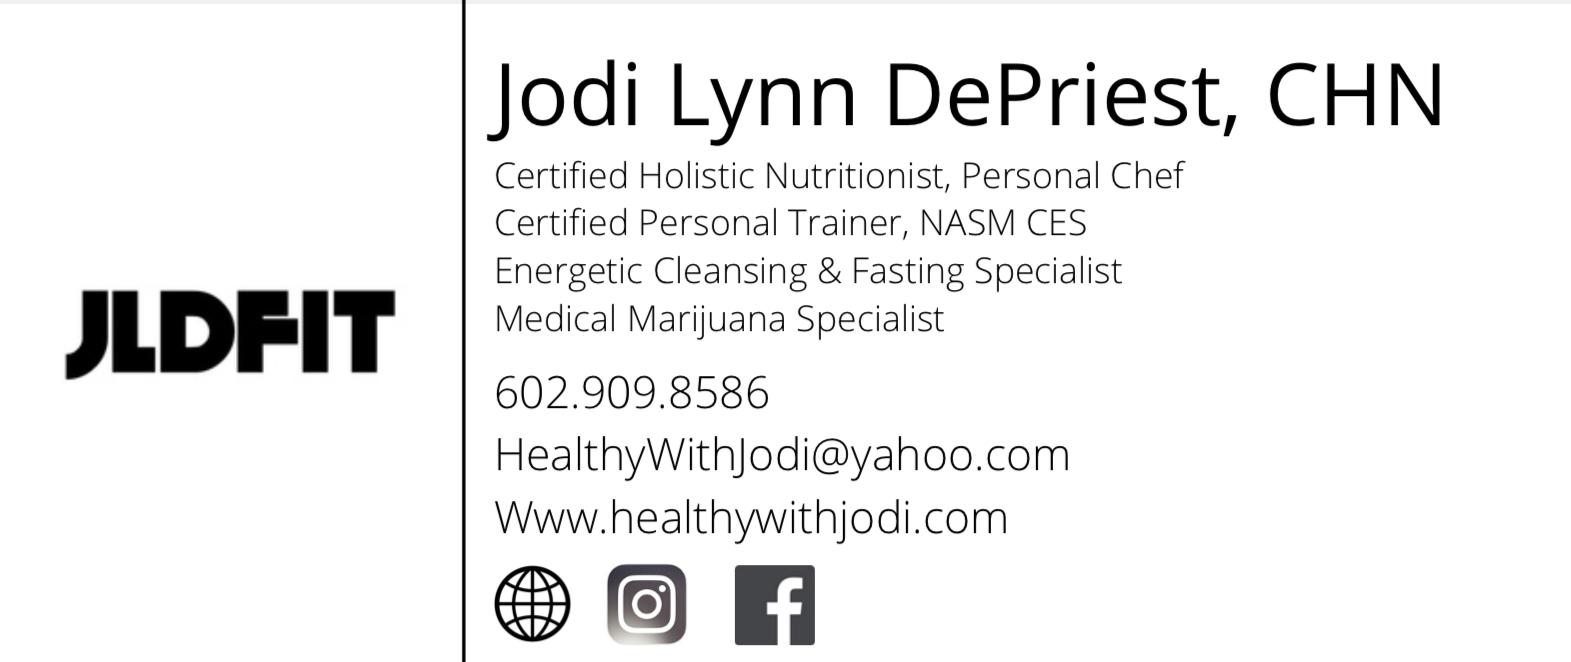 Jodi Lynn DePriest